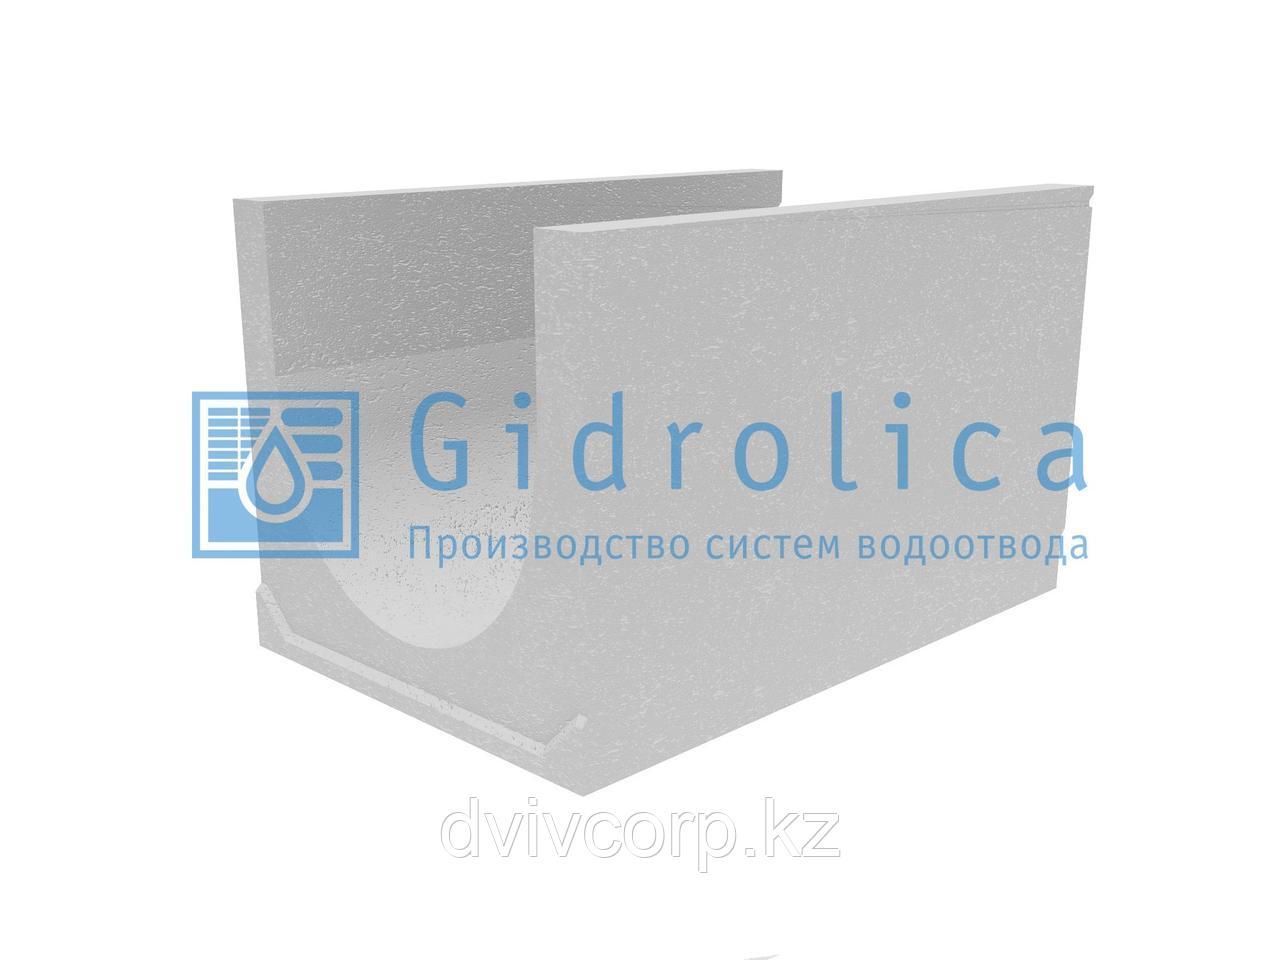 Лоток водоотводный бетонный коробчатый (СО-500мм), с уклоном 0,5%  КUу 100.65(50).60(51) - BGU-XL, № 30